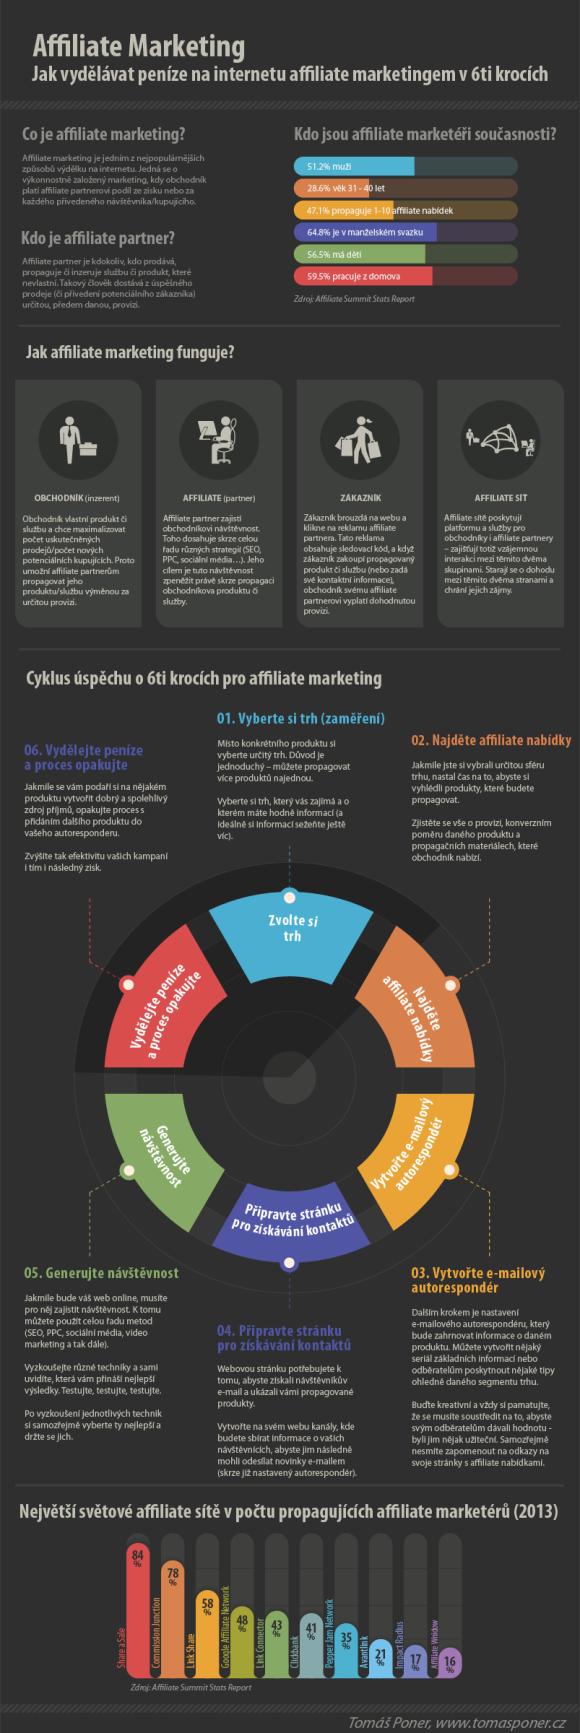 Jak vydělávat peníze na internetu affiliate marketingem v 6ti krocích